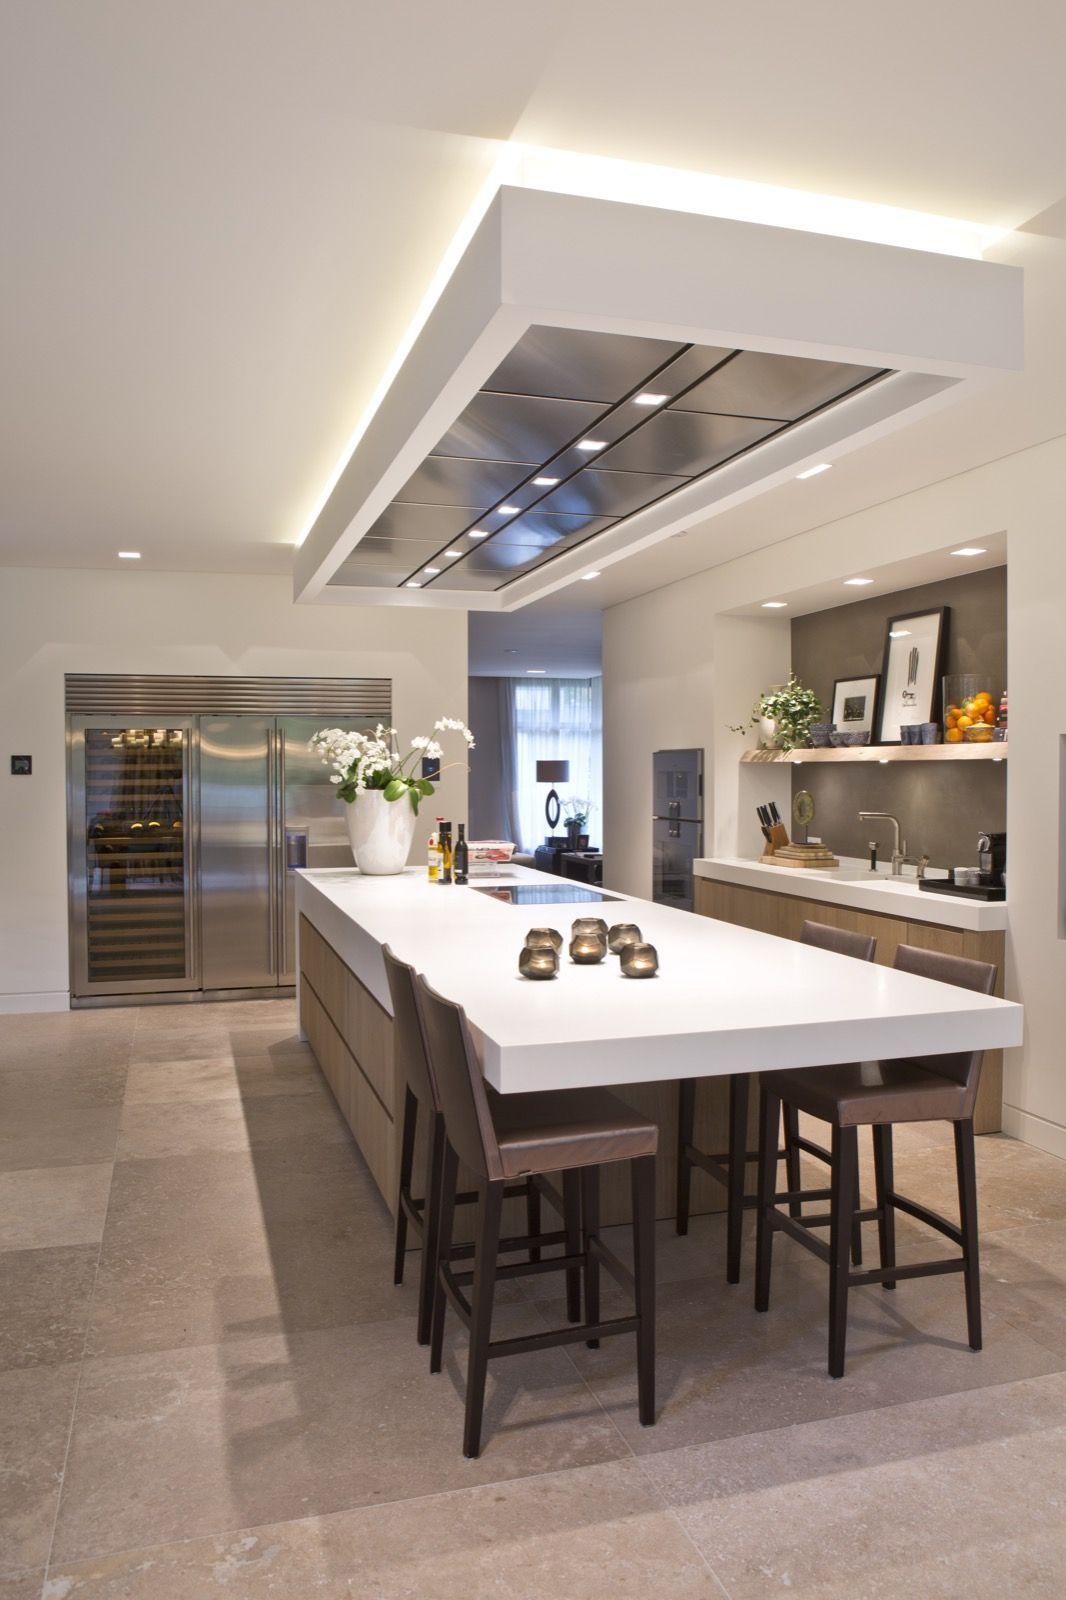 Pin Von Jessica Prudhomme Auf Projet In 2018 | Pinterest | Küche, Haus  Bauen Und Moderne Häuser